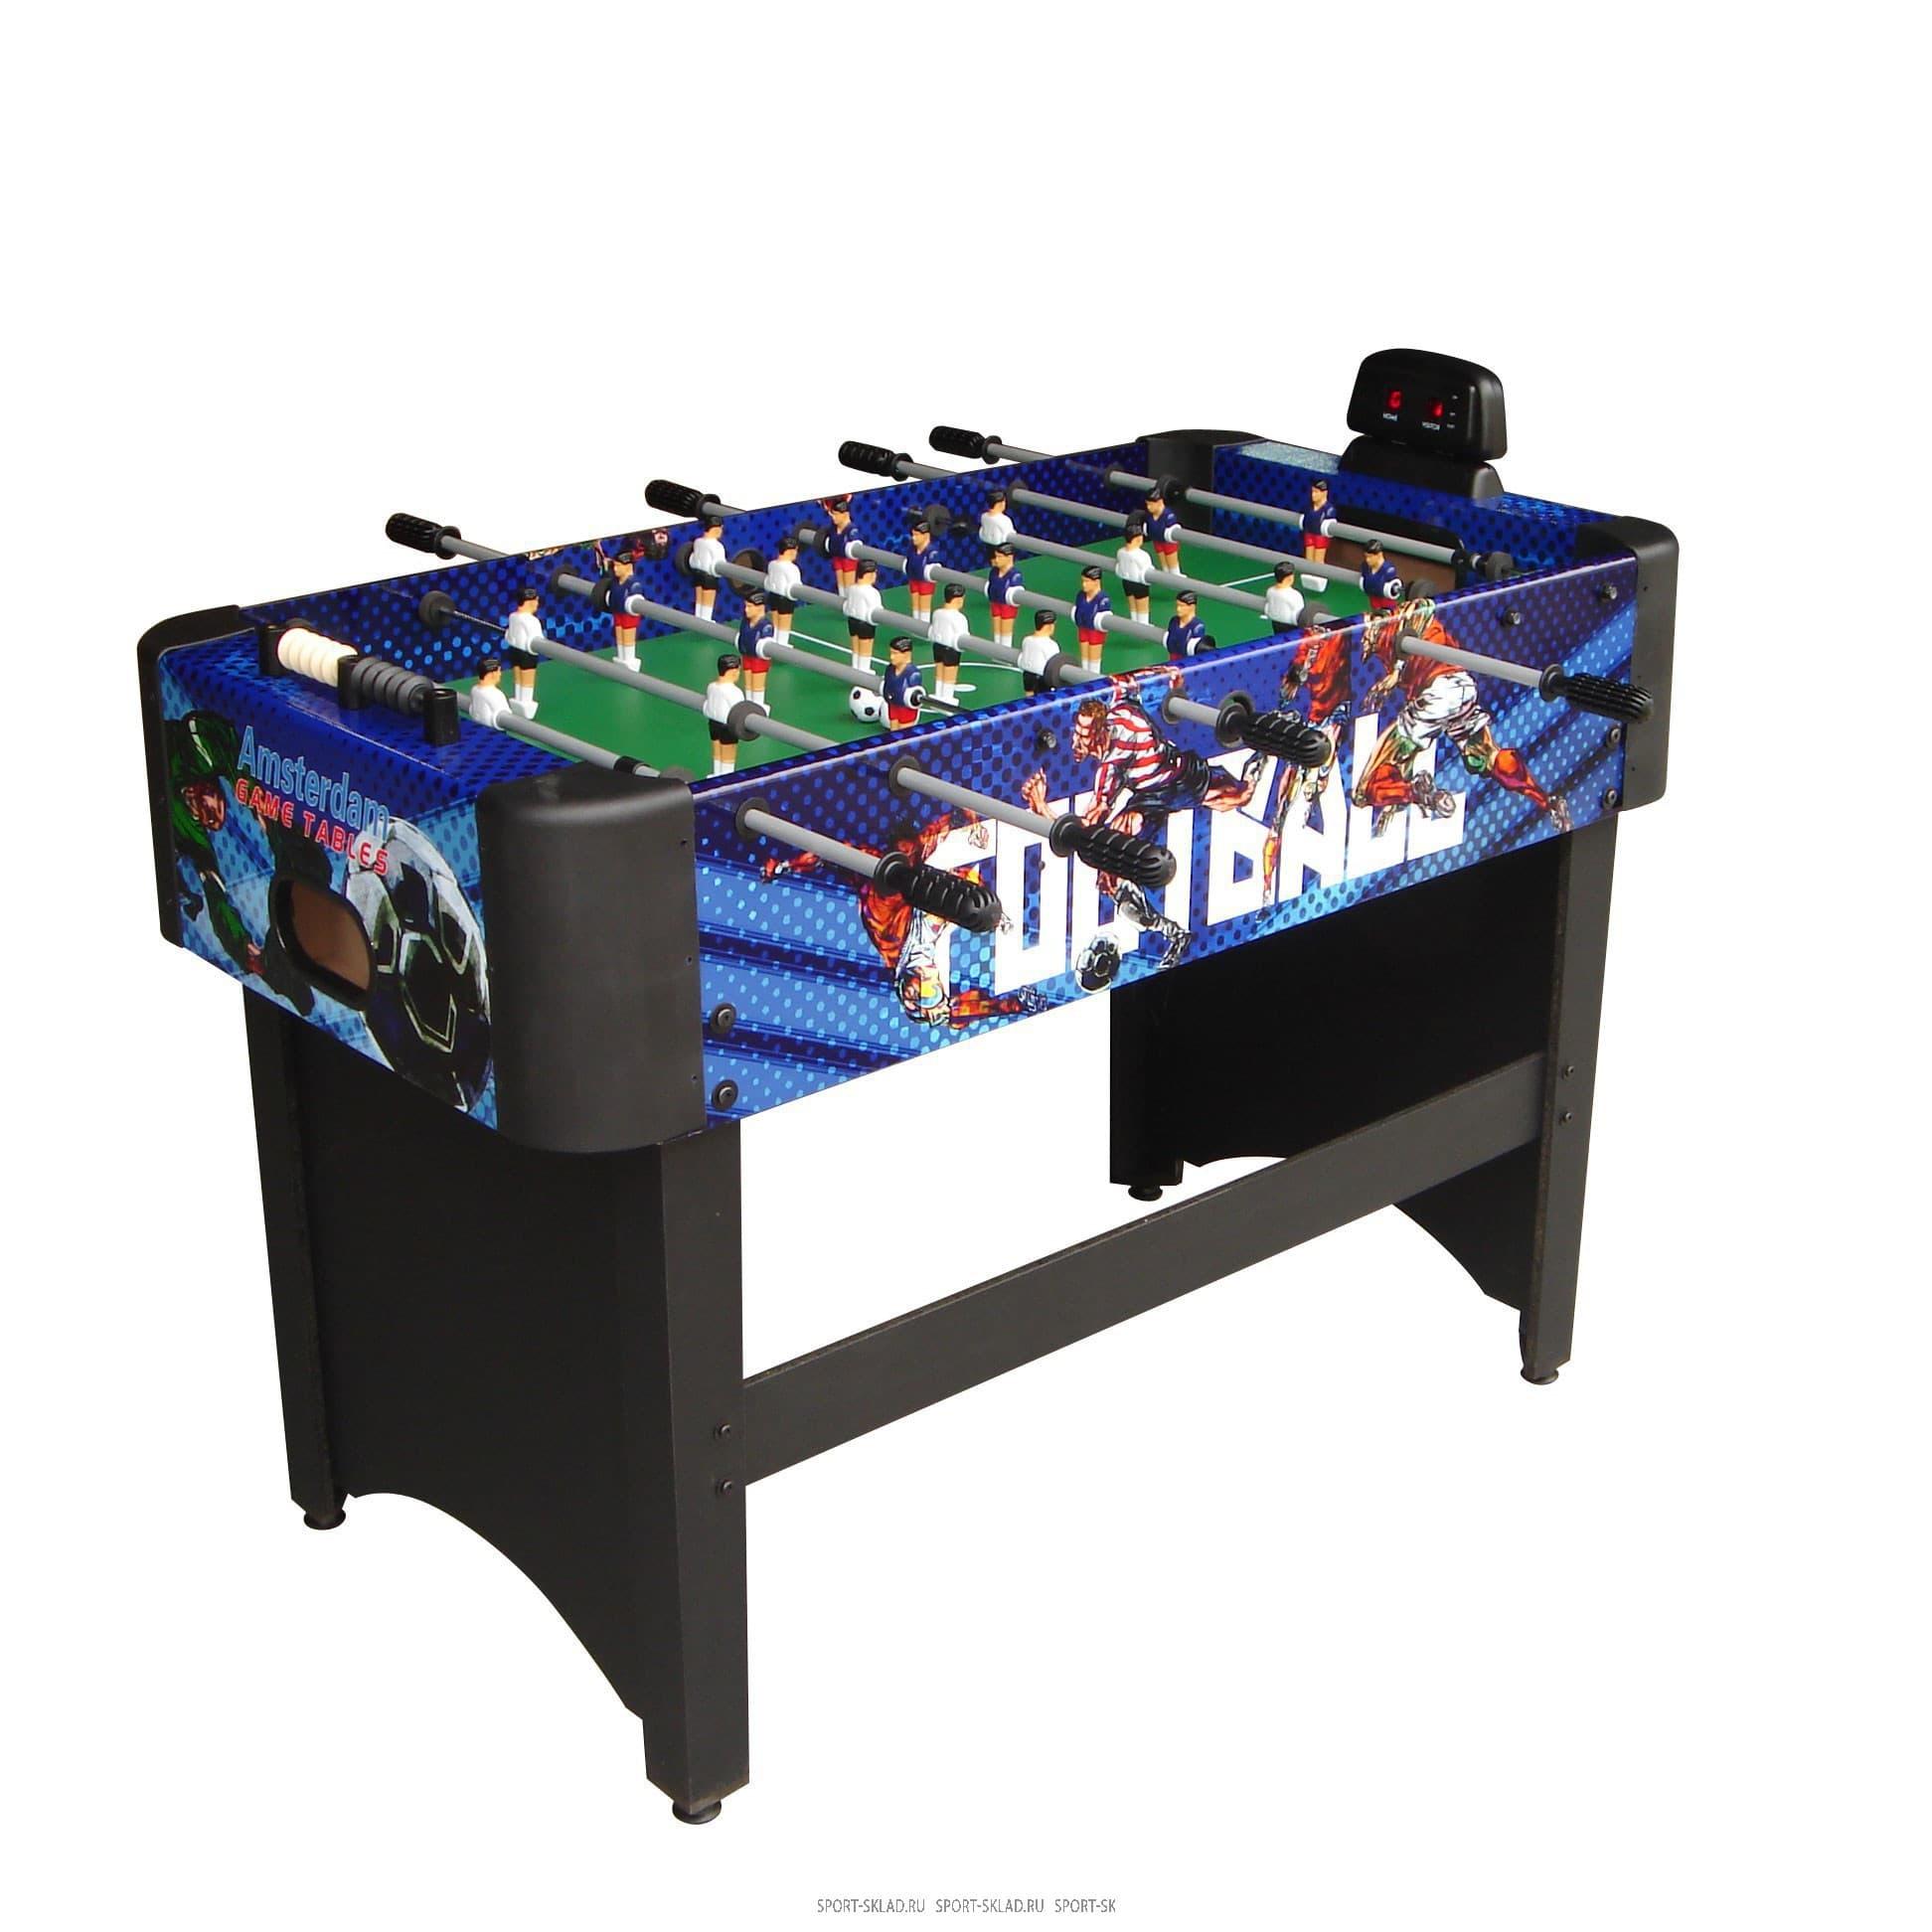 Игровой стол Amsterdam Pro футбол DFC - Настольный футбол, артикул:3805